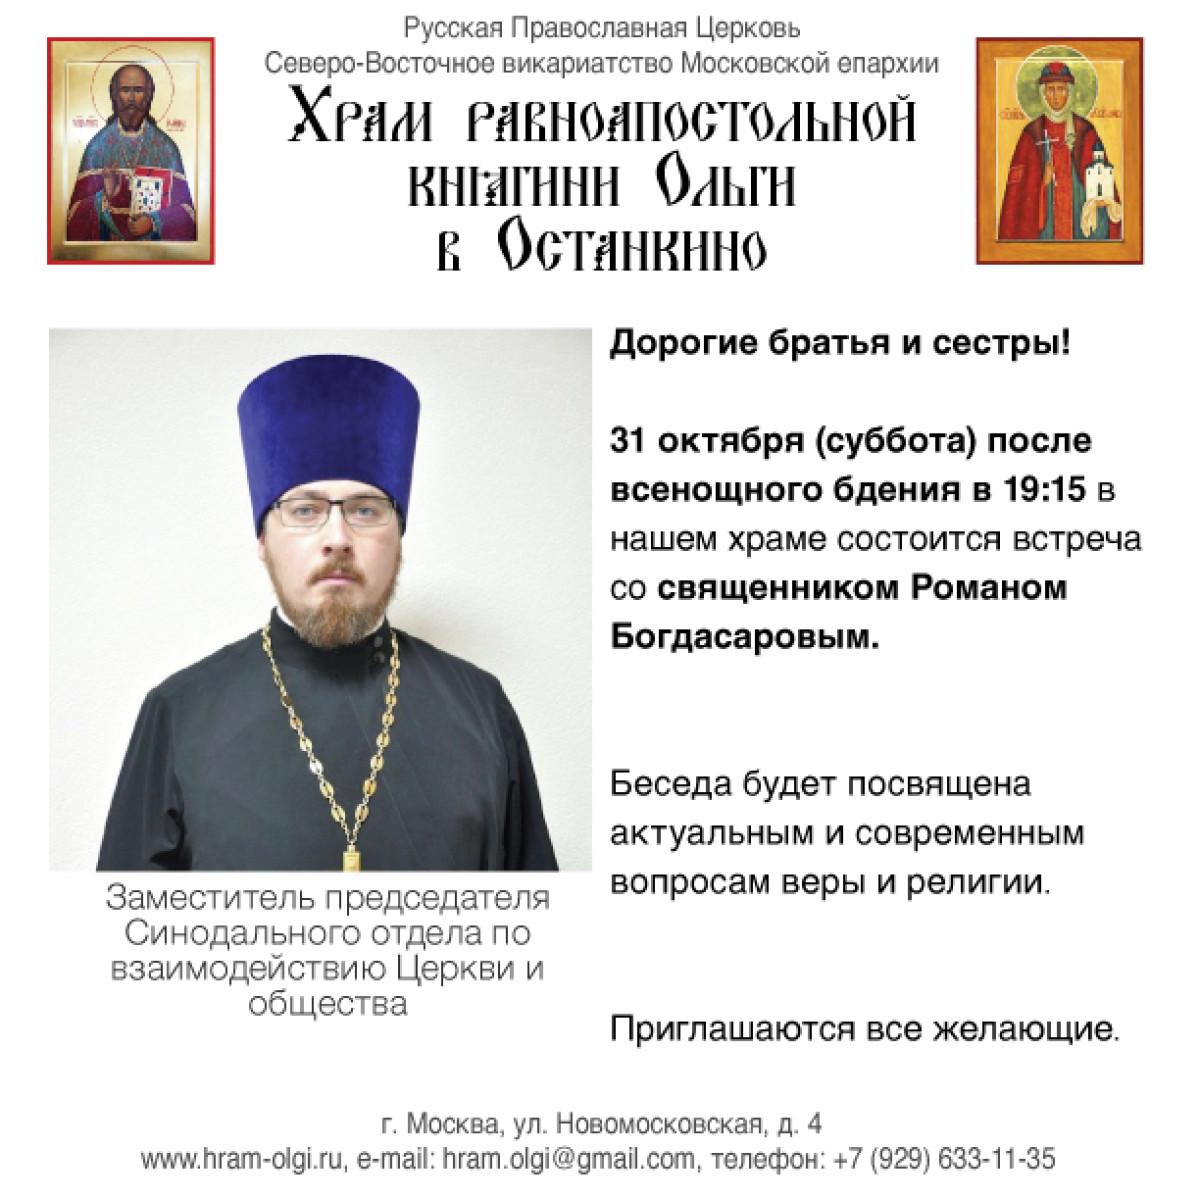 Встреча со священником Романом Богдасаровым